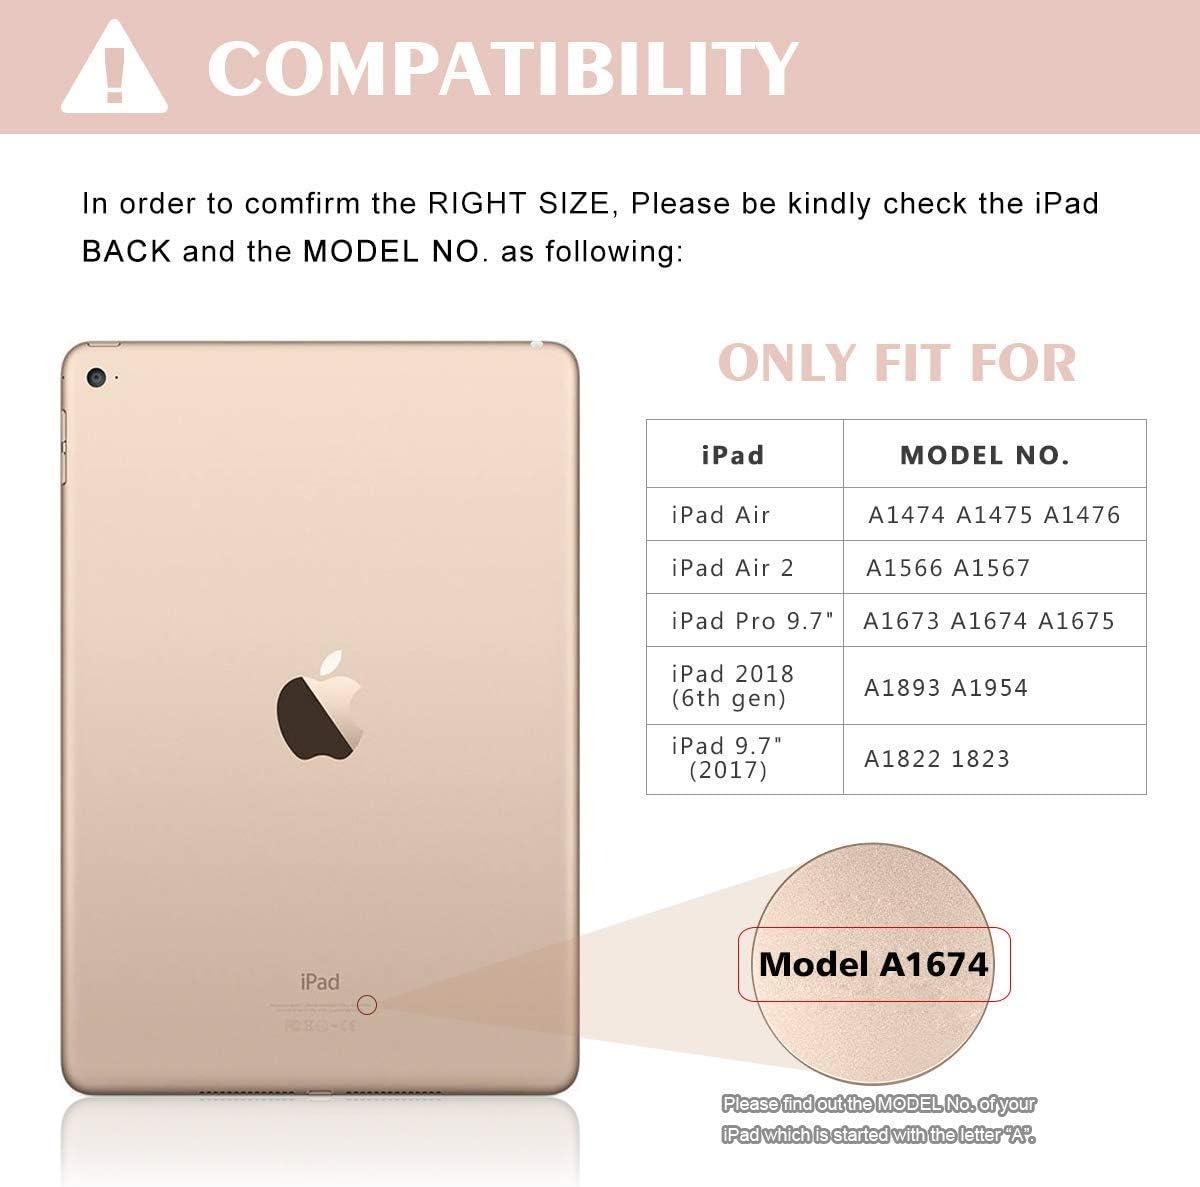 COO Funda Teclado iPad 9.7, Funda iPad 2018 con Ranura para Lápiz y Teclado Español (Incluye Letra Ñ) Bluetooth para iPad 2018/iPad 2017/iPad Pro ...